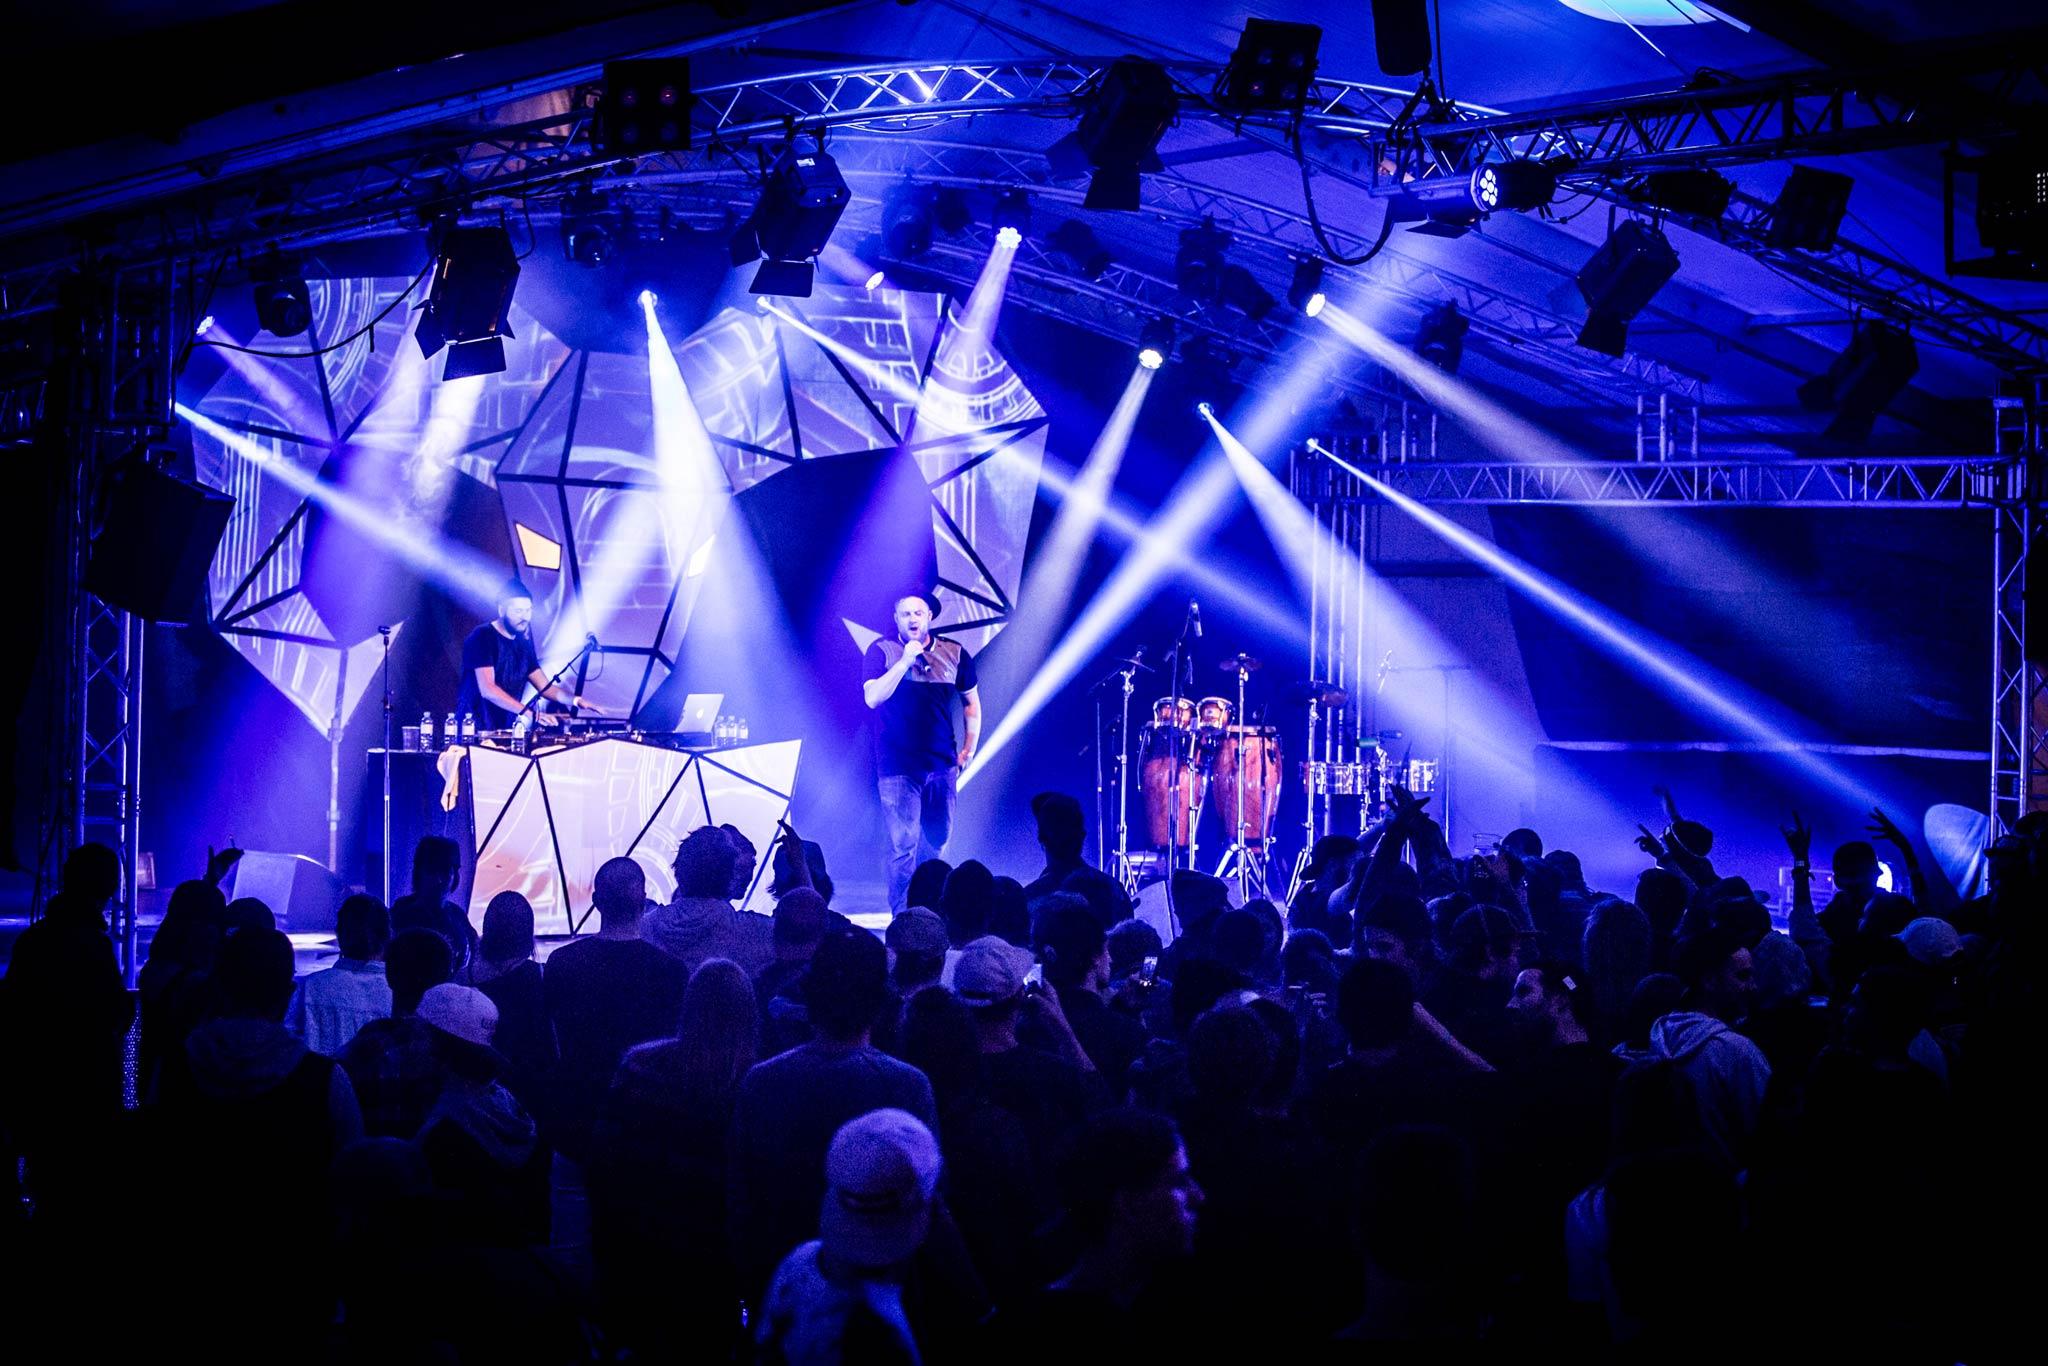 Feiern kam beim Kaunertal Opening noch nie zu kurz und so wird es auch 2017 wieder fette Parties geben!